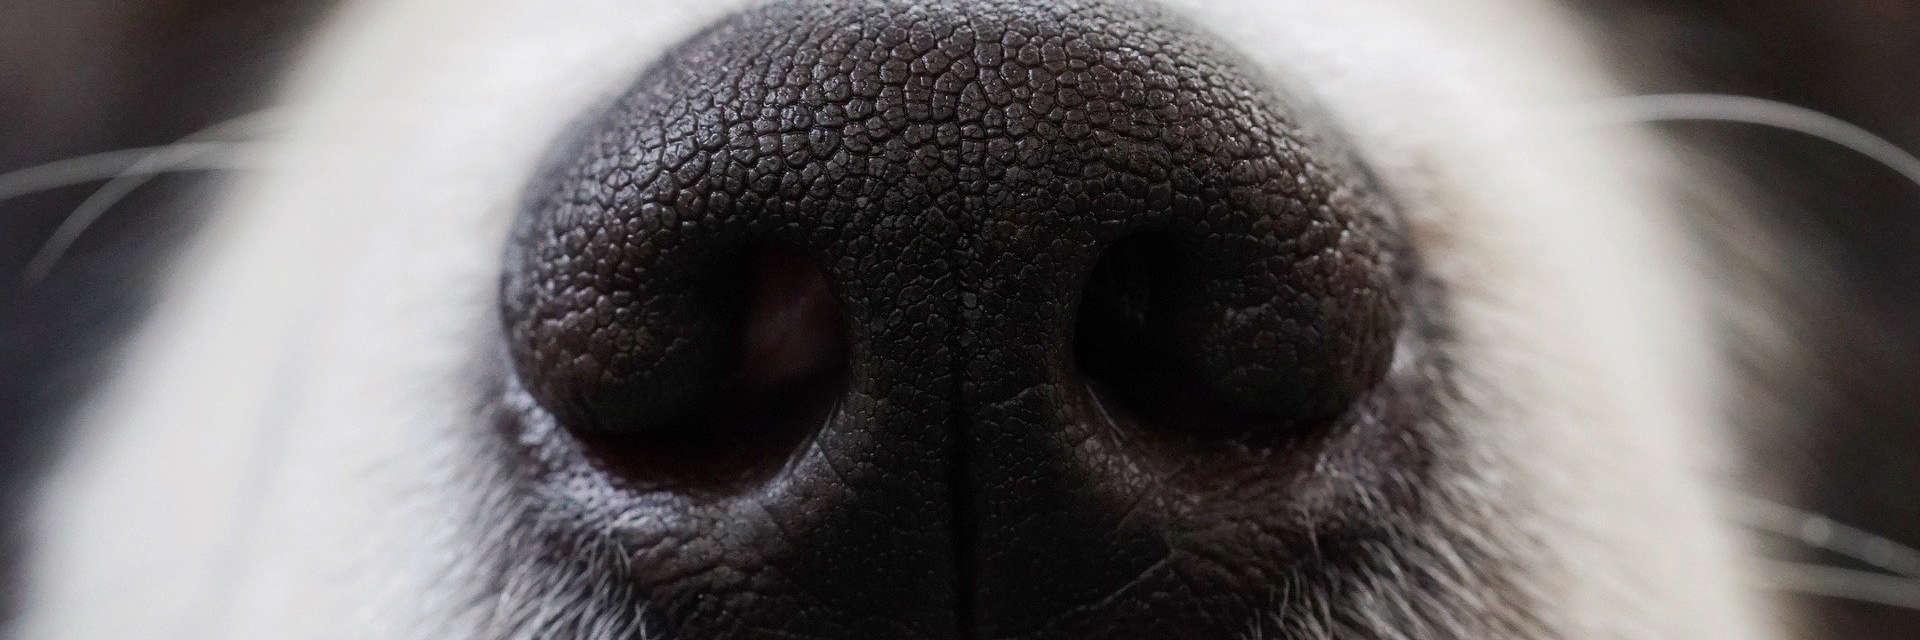 Platzhalter Spürhund